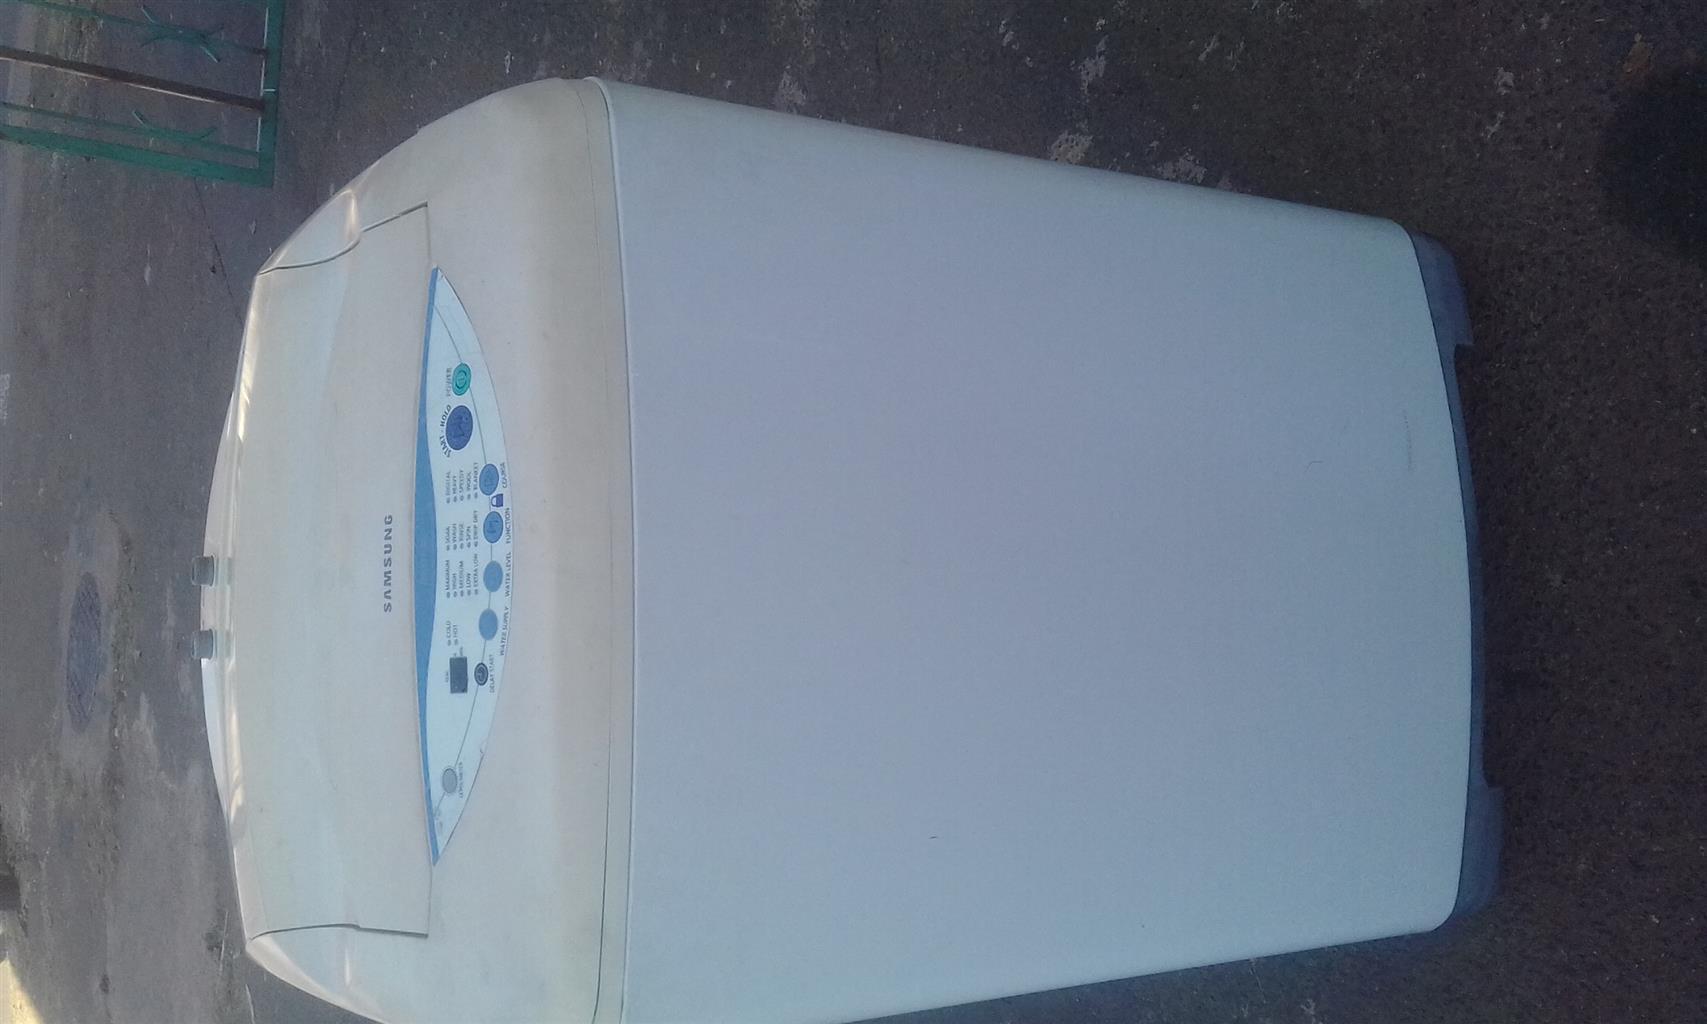 13kg samung washing machine